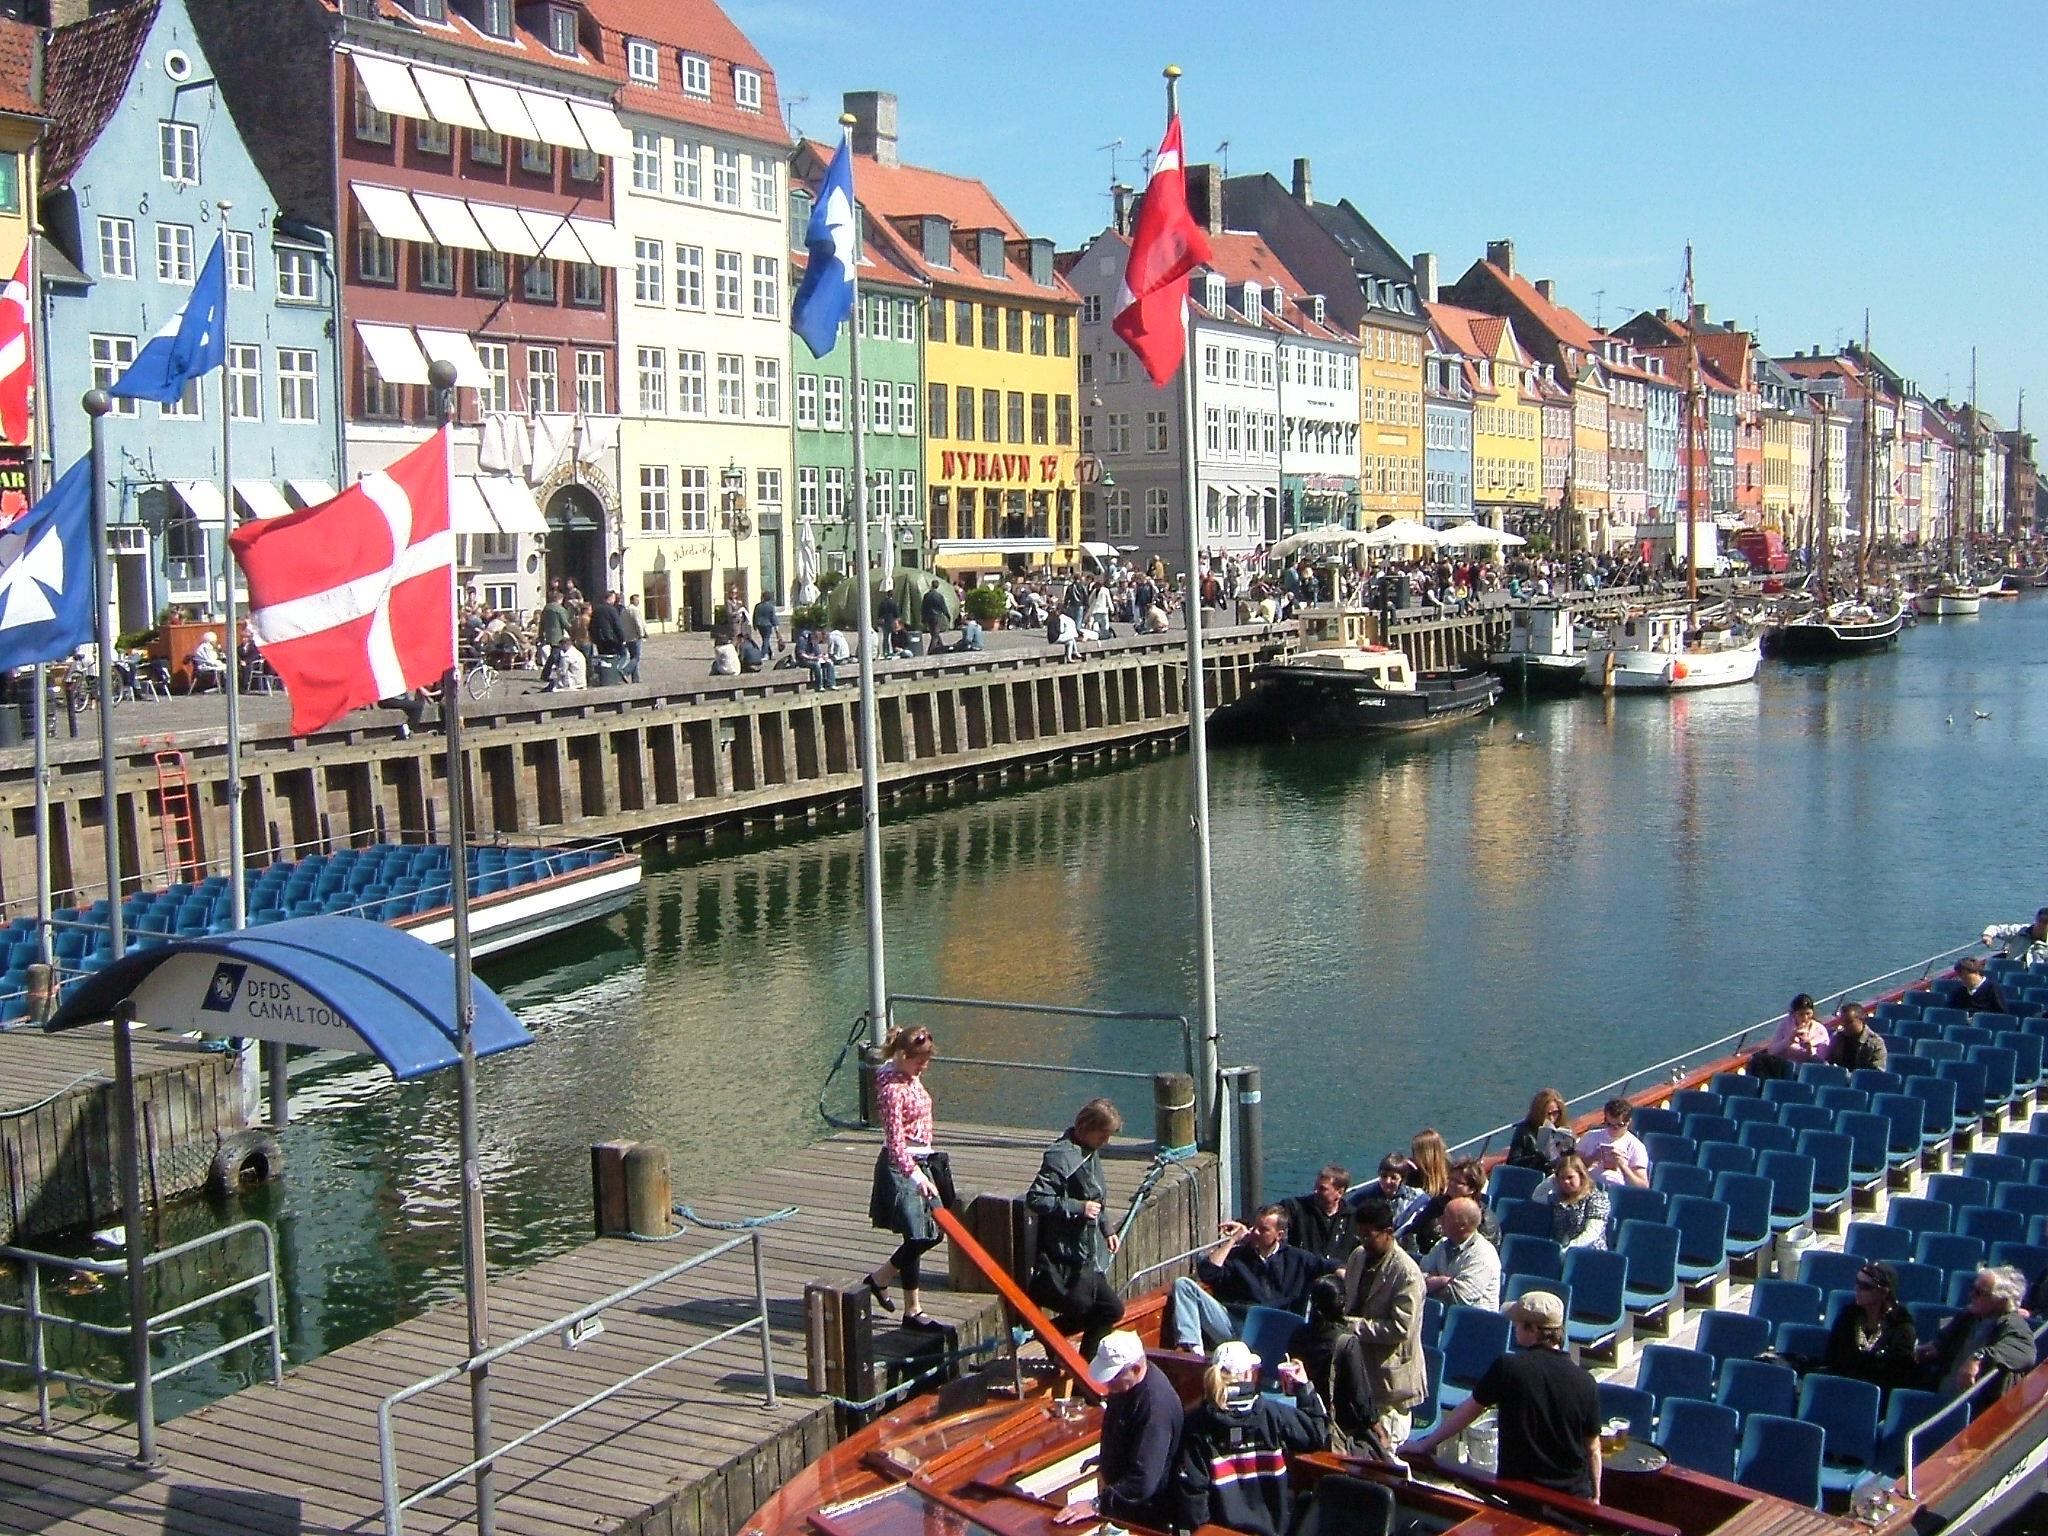 入試なし!?デンマーク留学のメリットとデメリット。